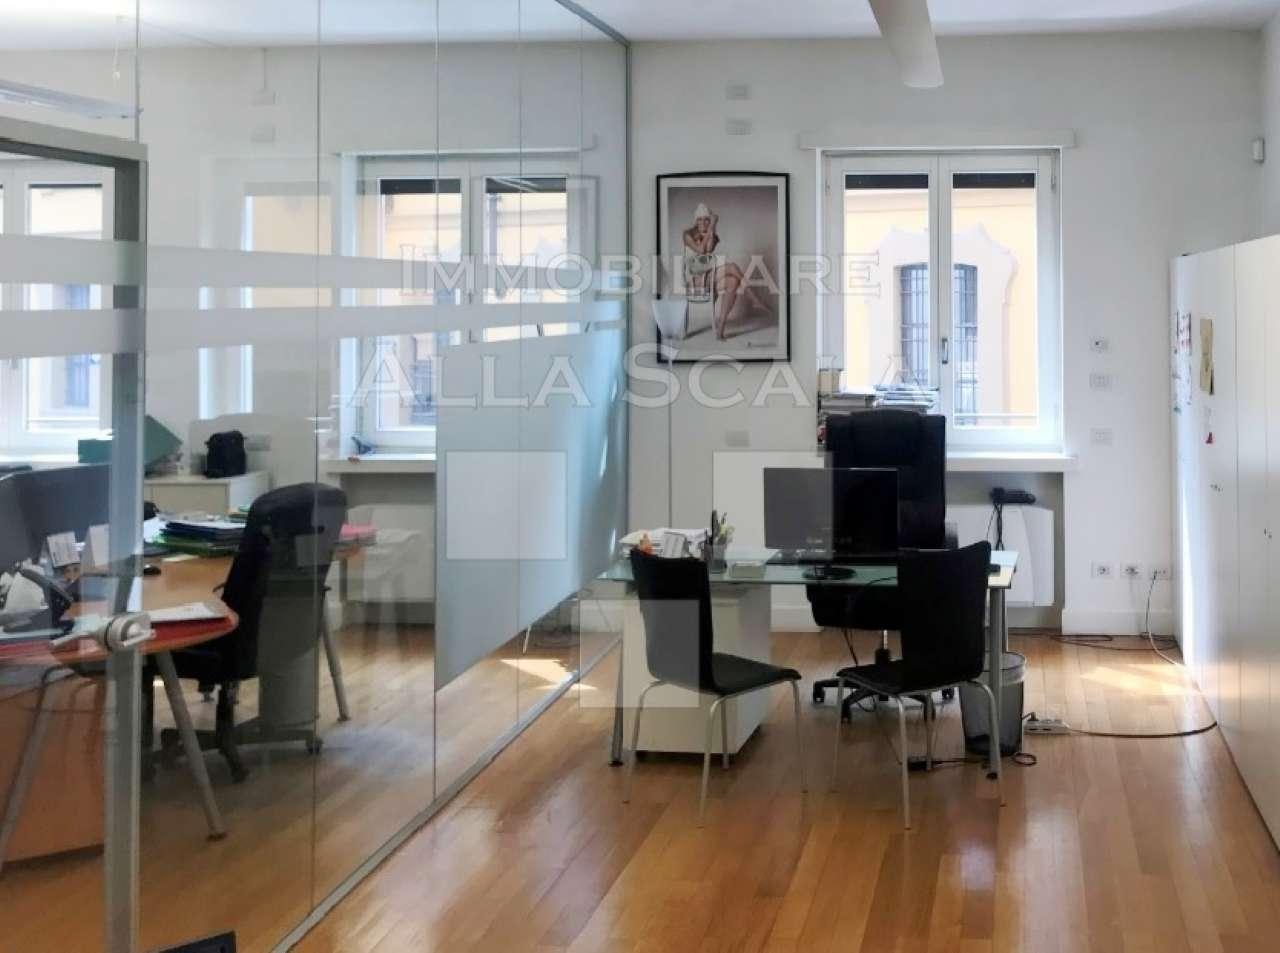 Ufficio-studio in Affitto a Milano 01 Centro storico (Cerchia dei Navigli):  5 locali, 410 mq  - Foto 1